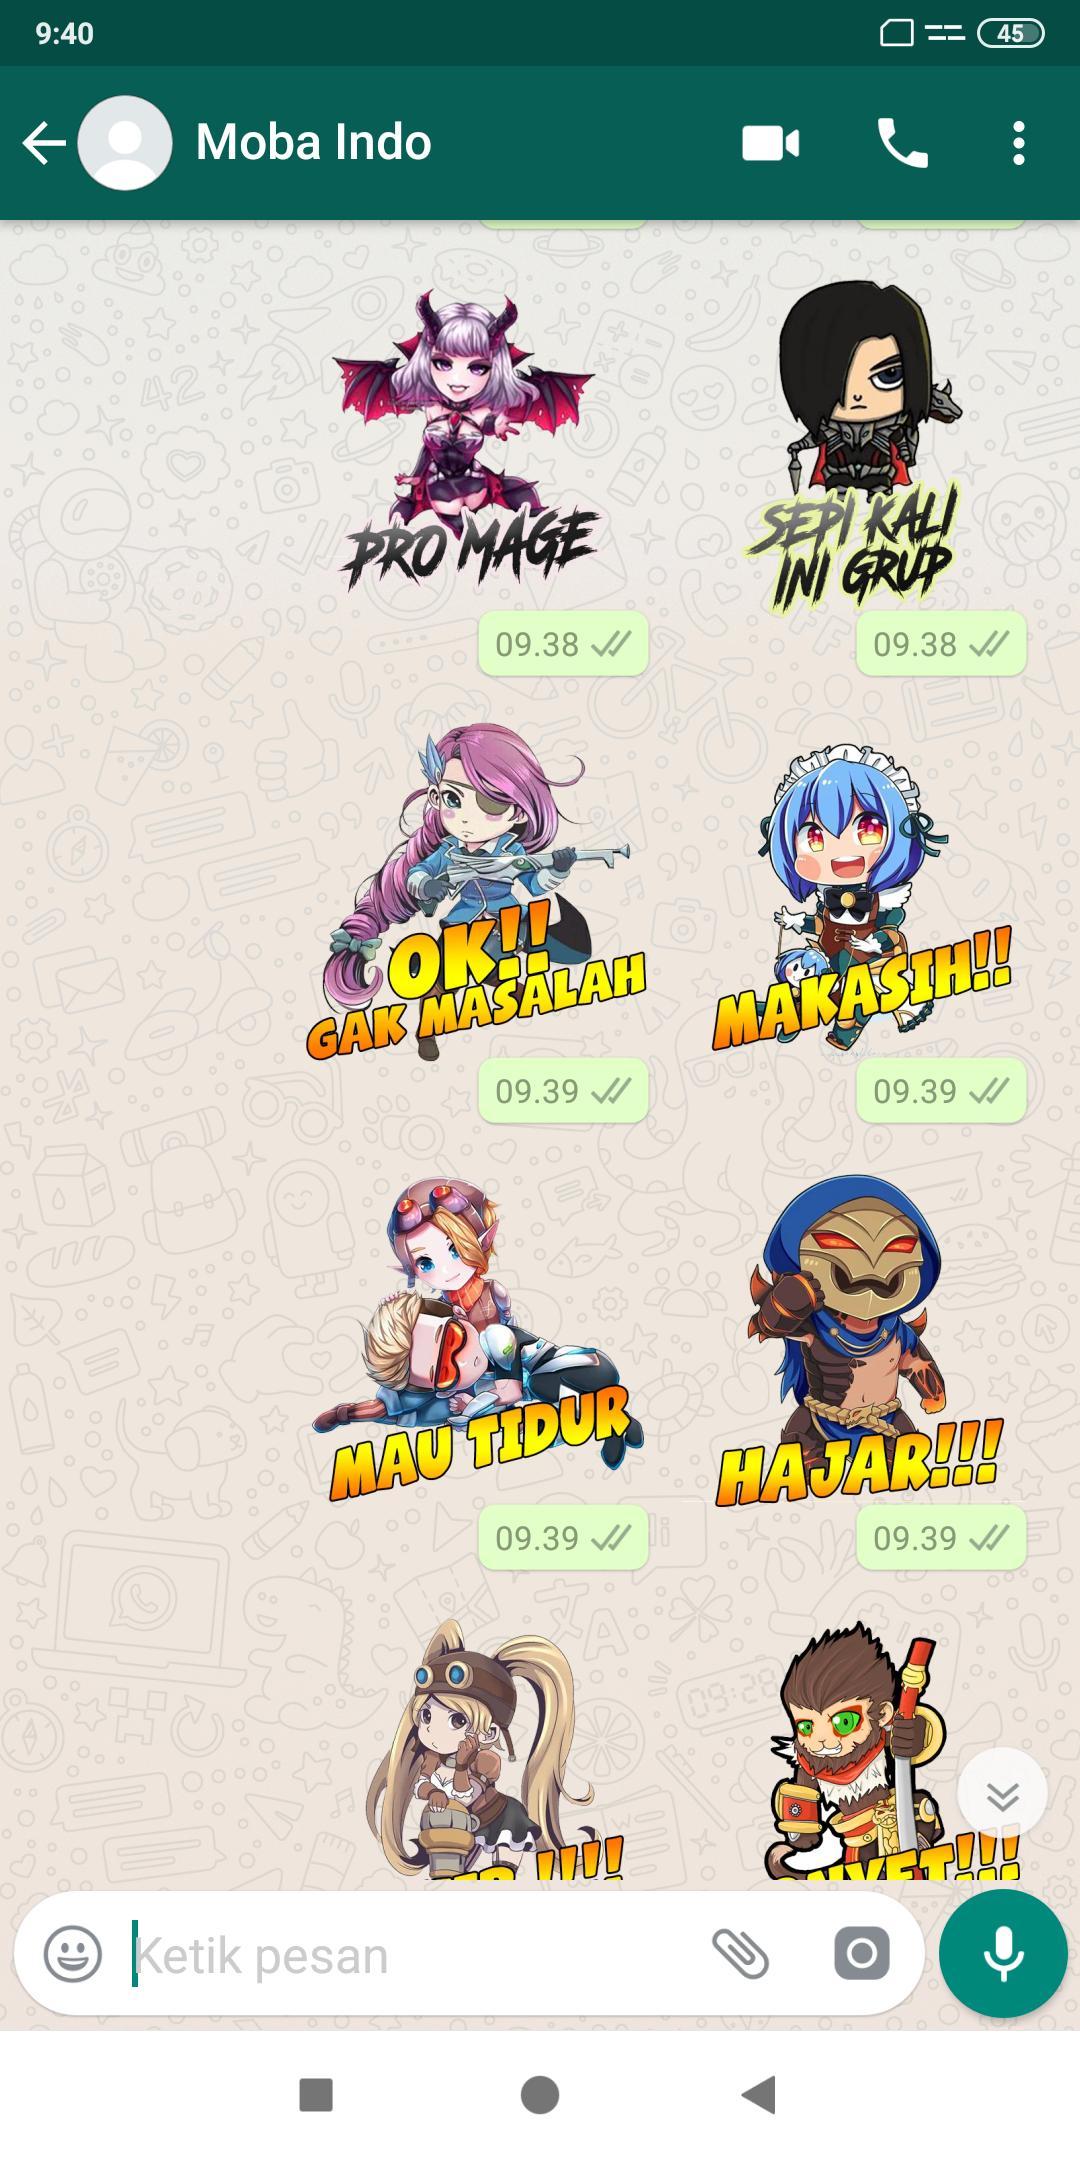 98 Gambar Stiker Mobile Legends Gratis Terbaru